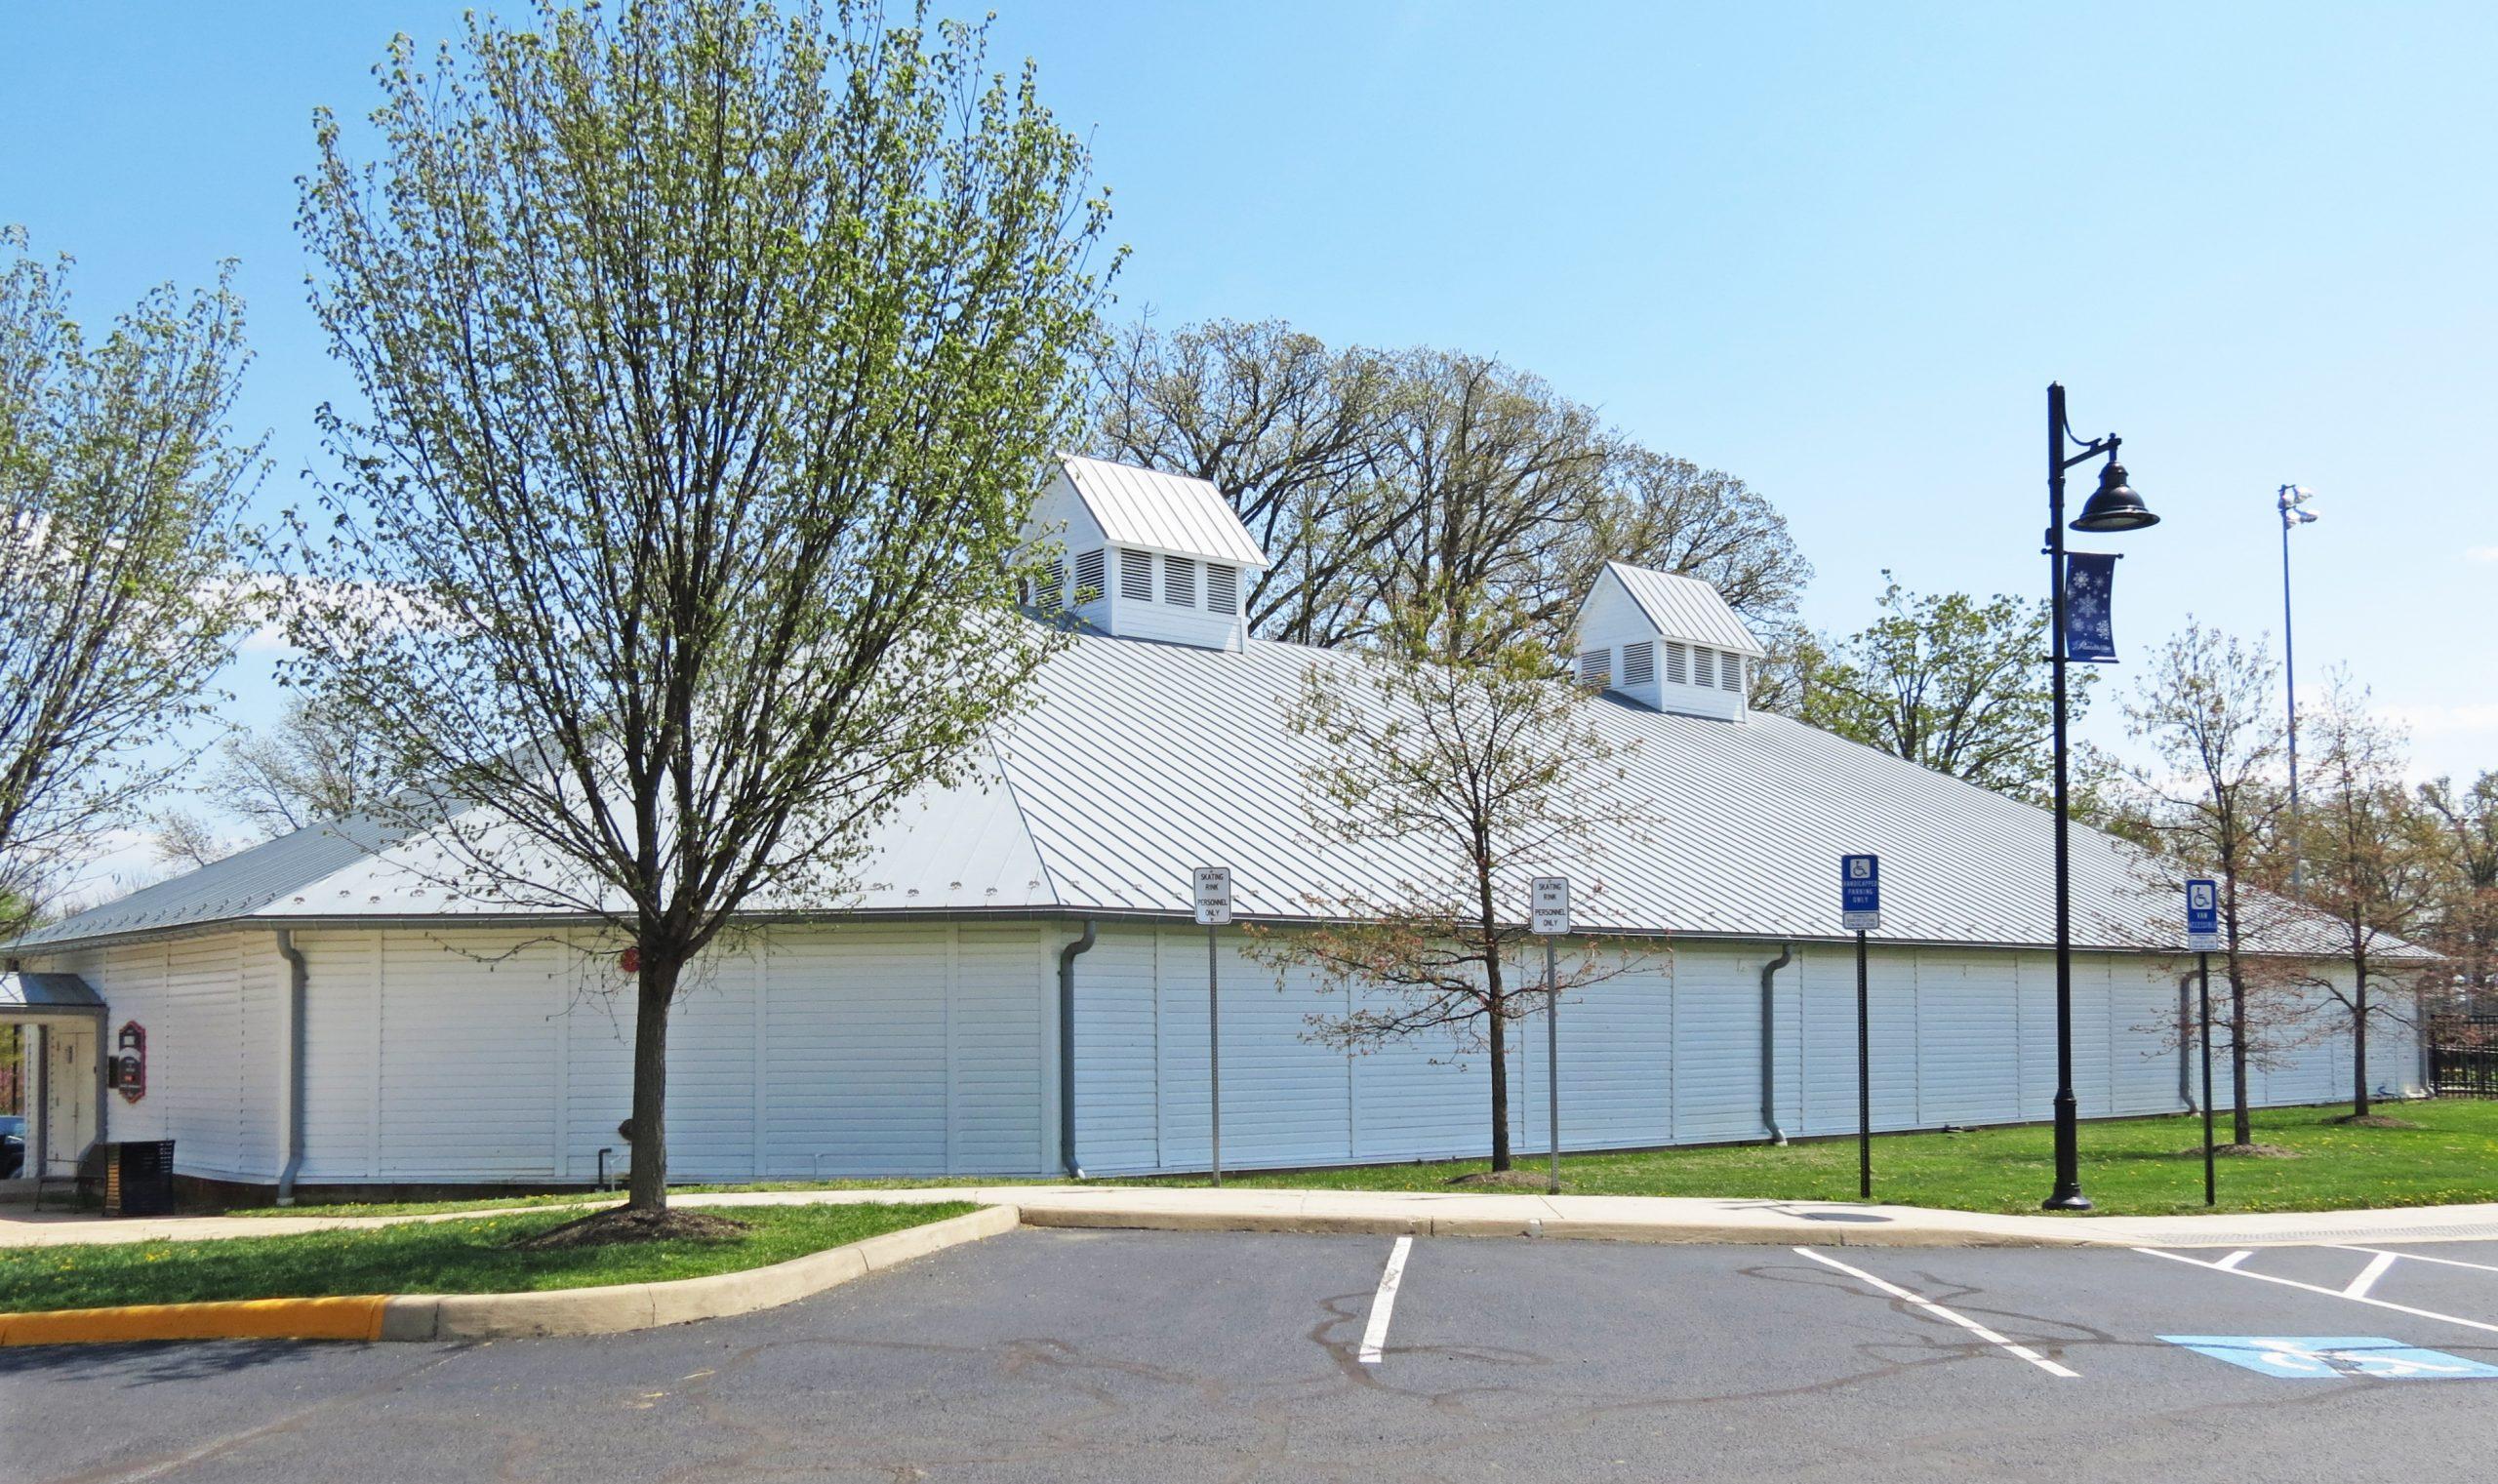 The Tabernacle/Fireman's Field